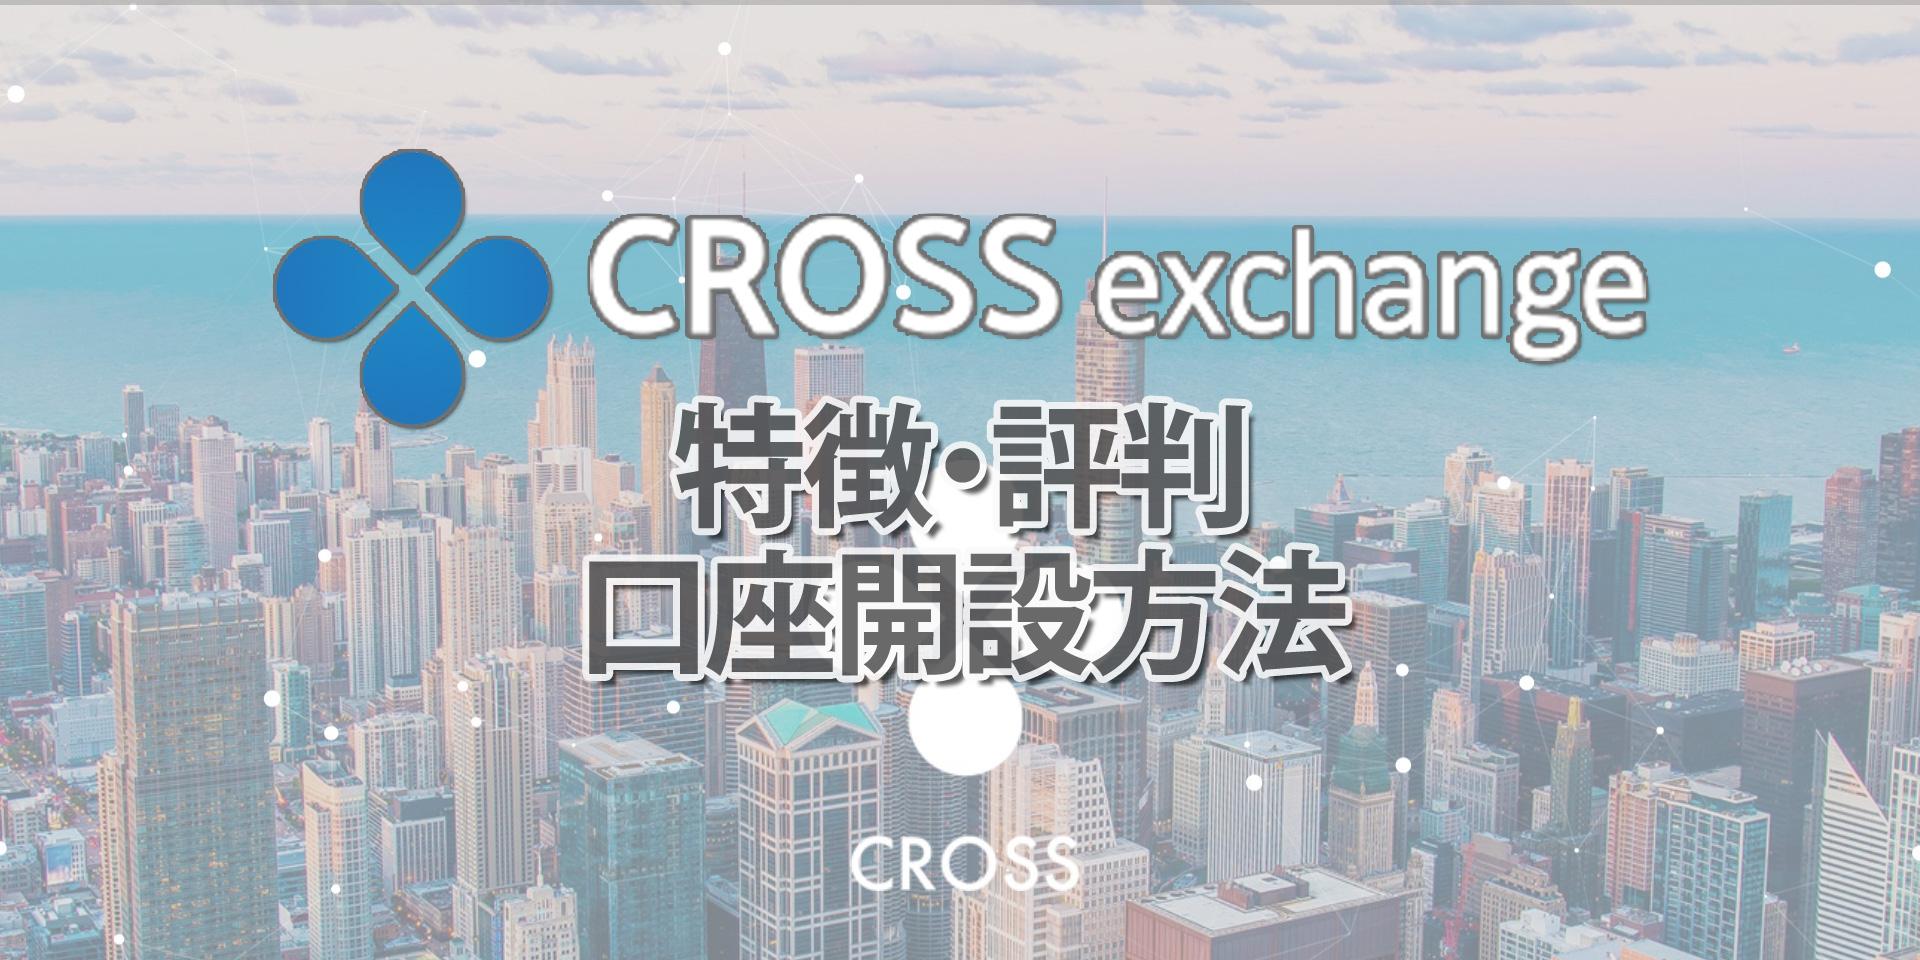 CROSS Exchange(クロスエクスチェンジ)とは?特徴や口座開設登録方法、評判や口コミなどを解説!